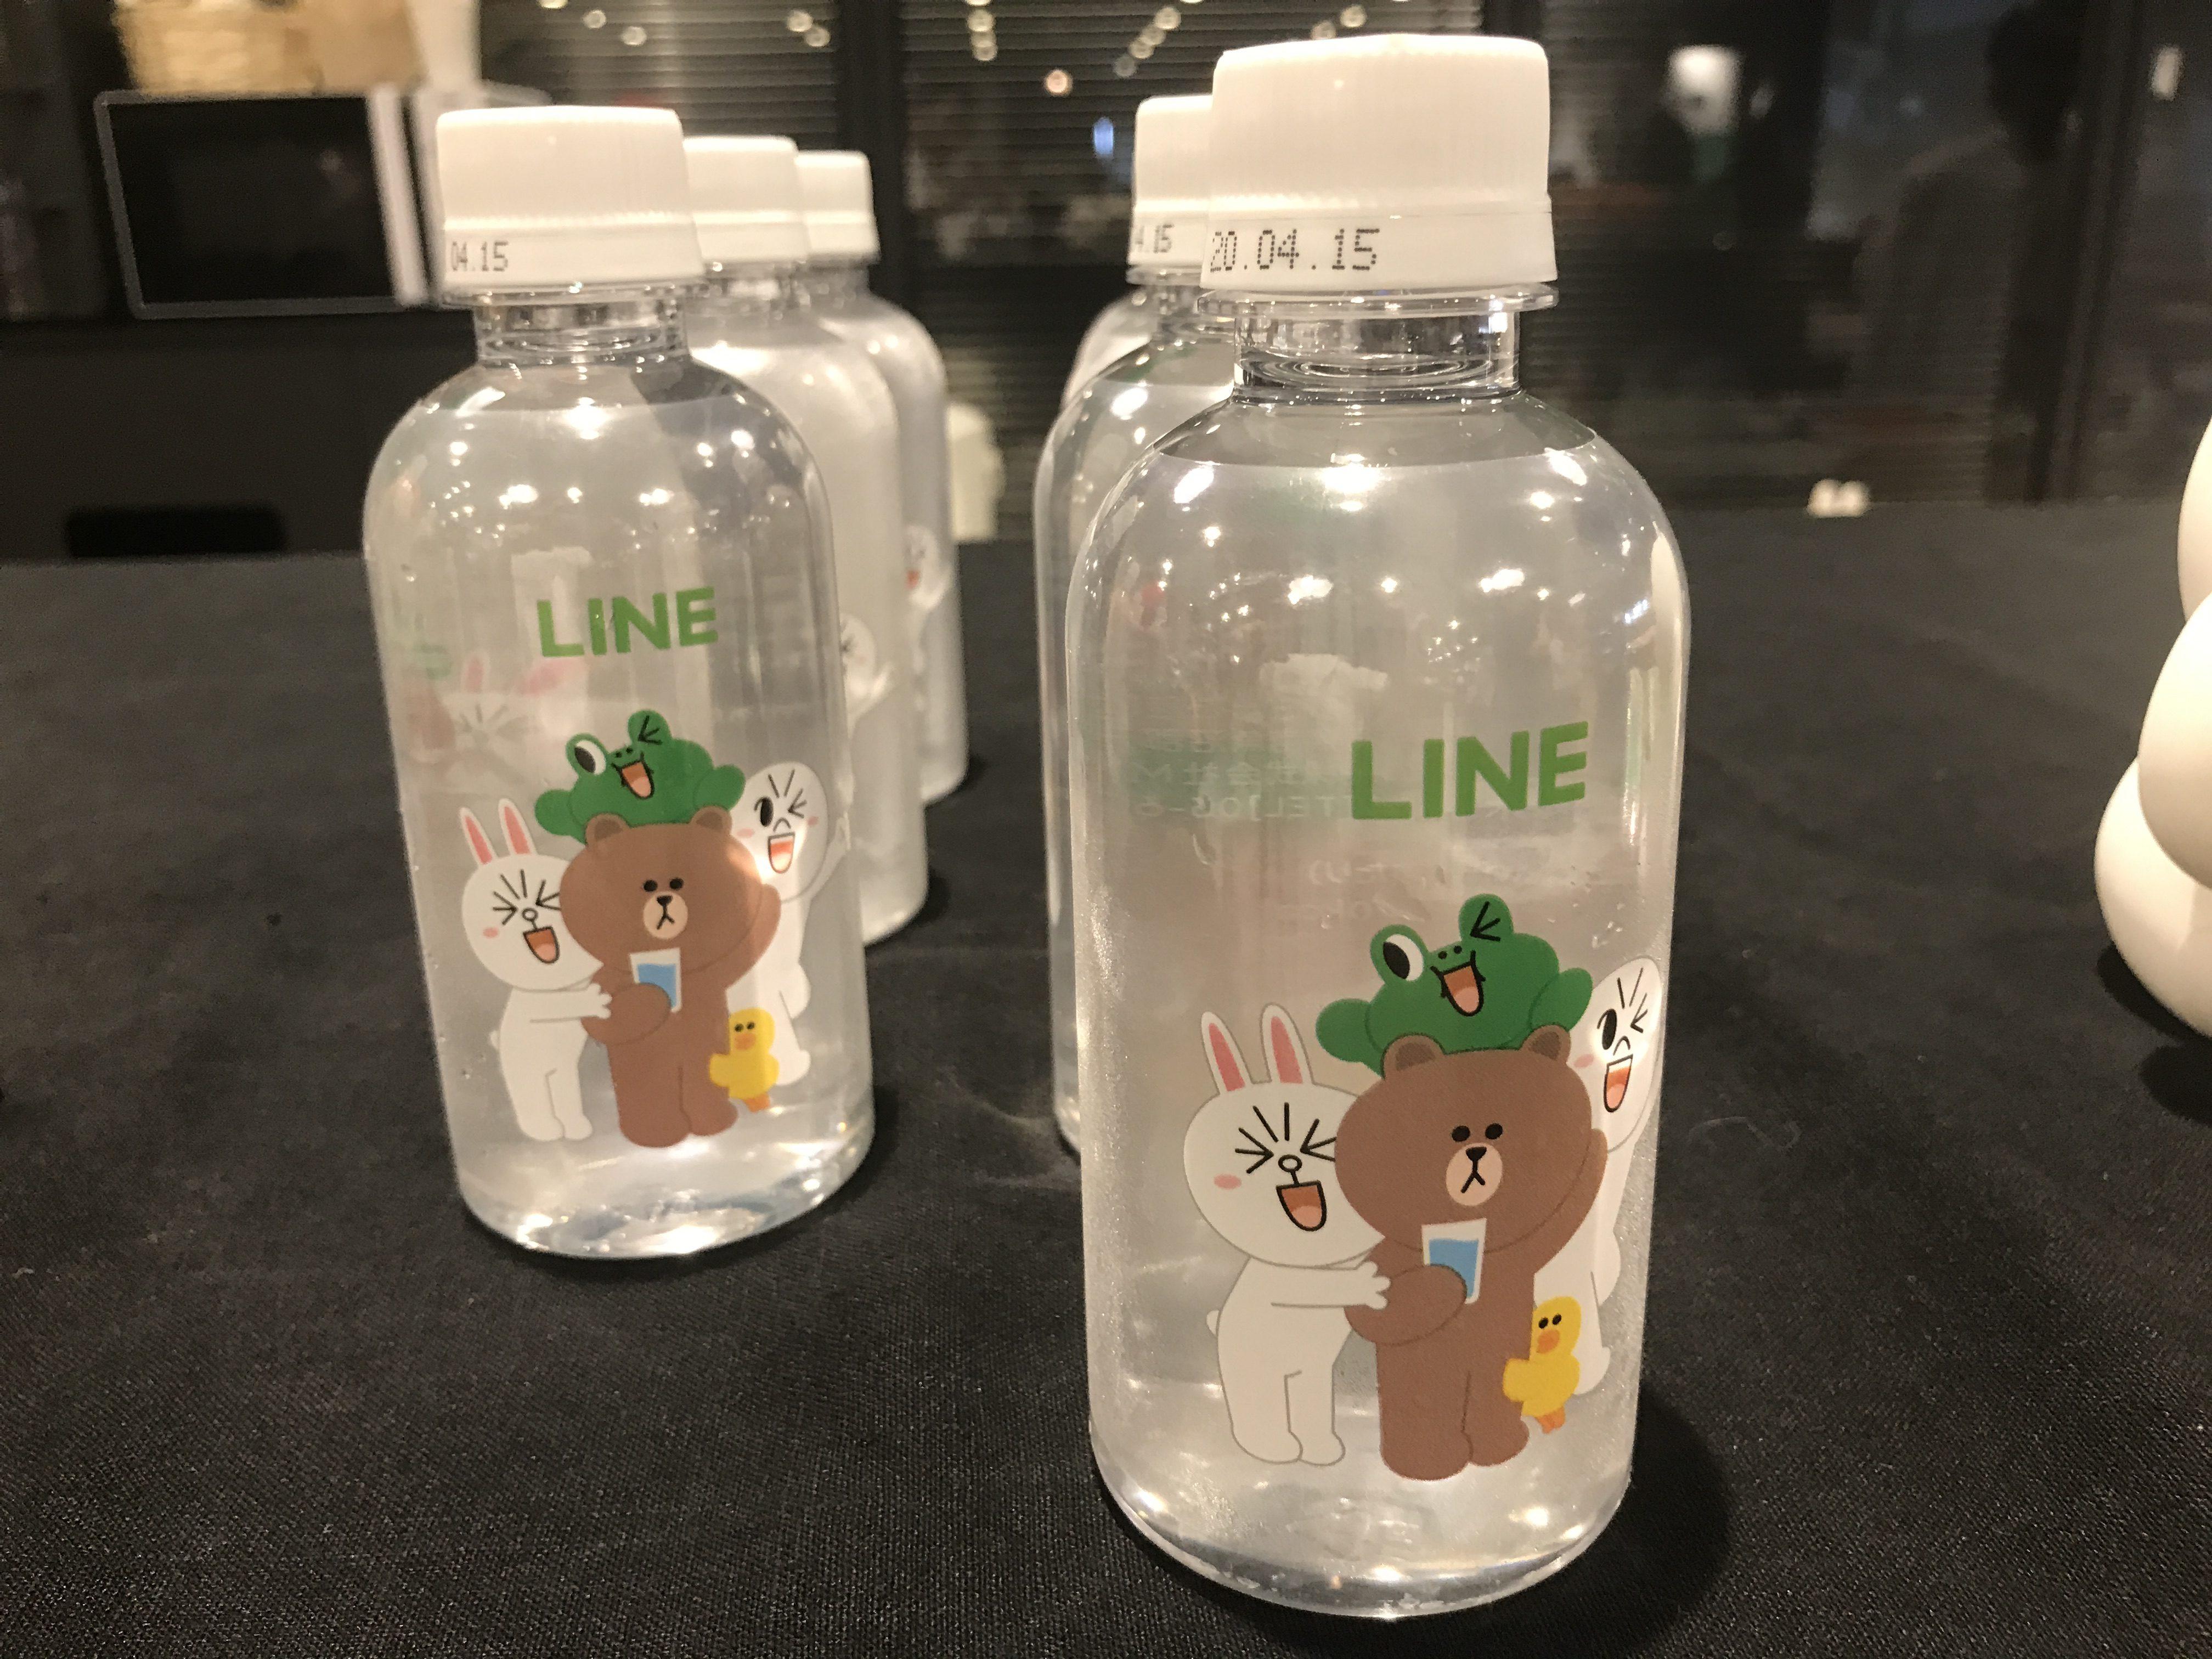 LINE公式アカウントセミナーでは水のペットボトルも可愛い